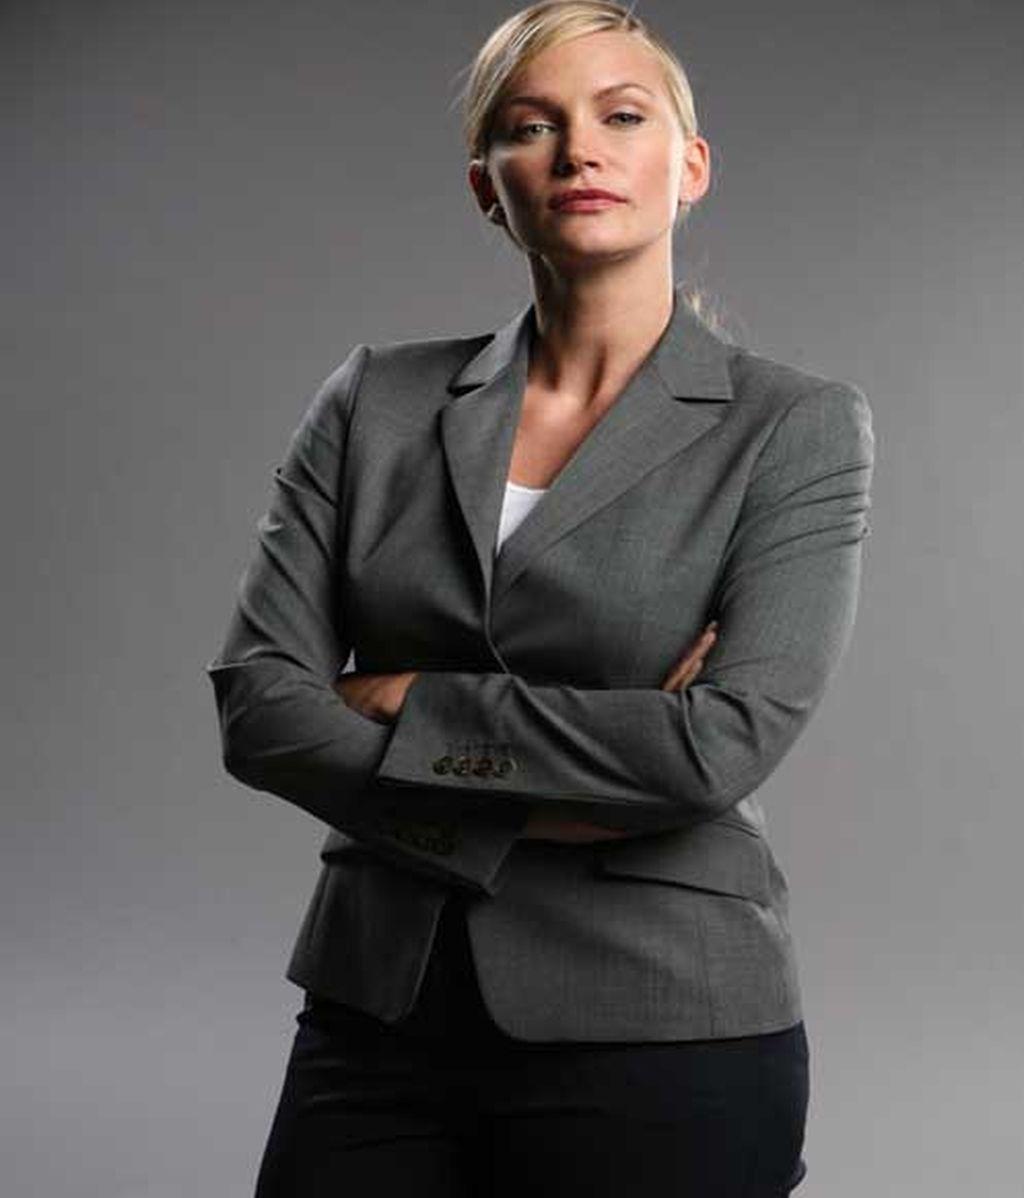 Dr. Maddie Rhodes